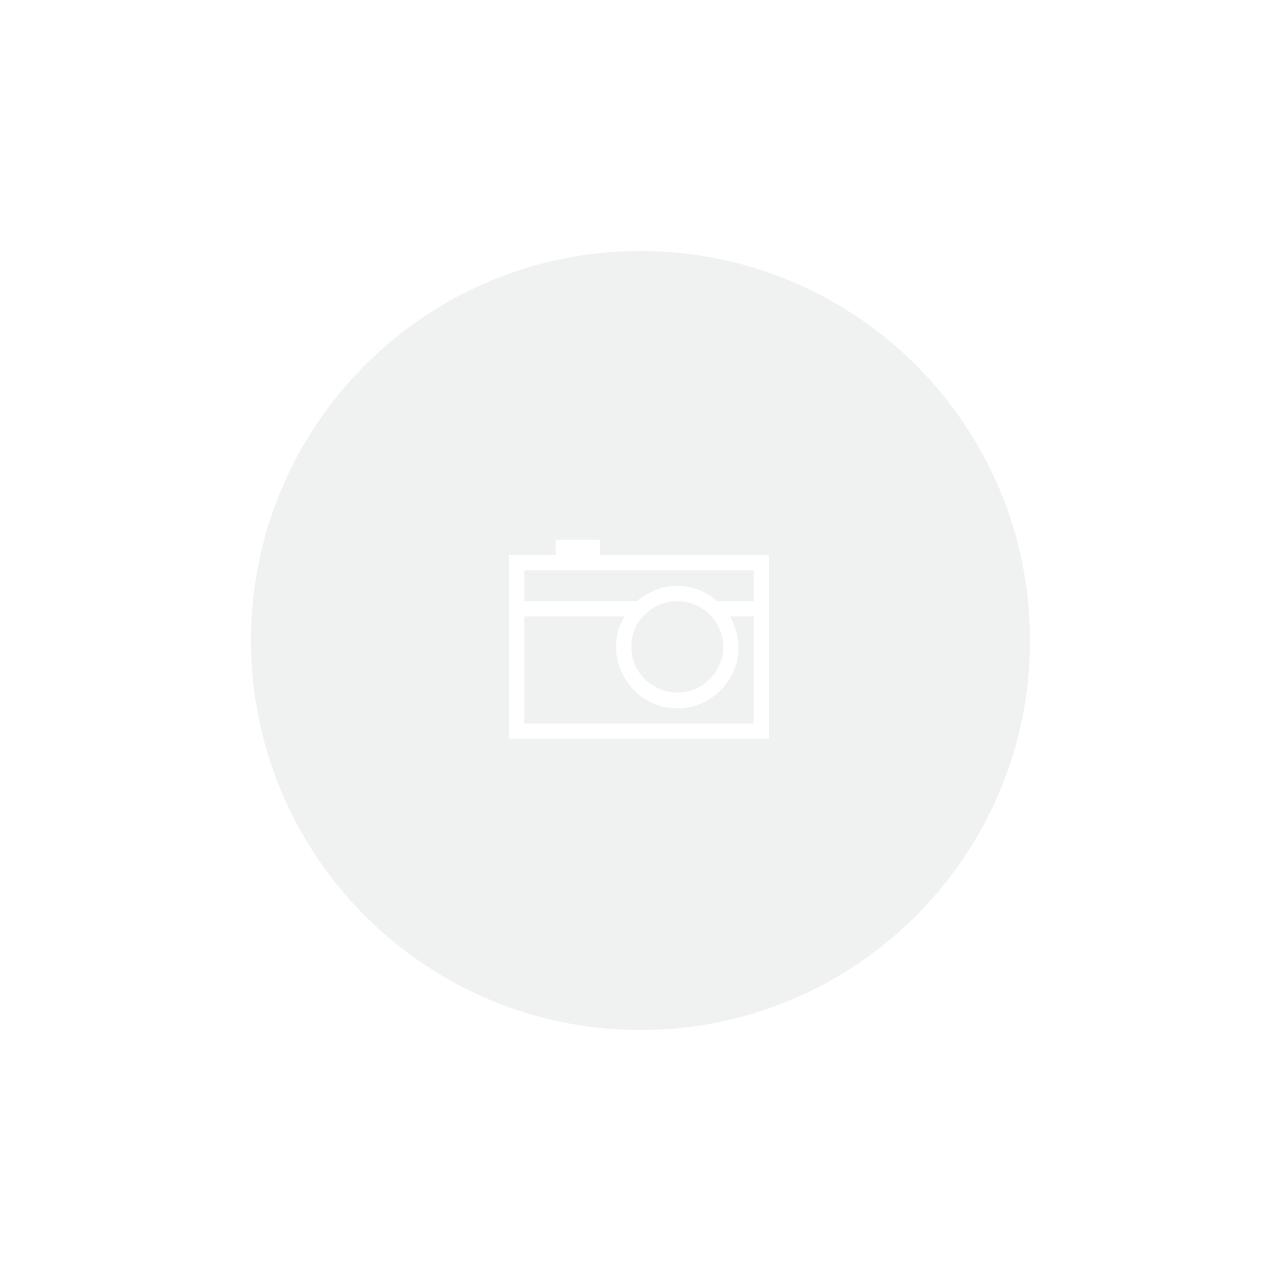 Placa de Vídeo 3GB GTX1060 PNY GDDR5 192BITS